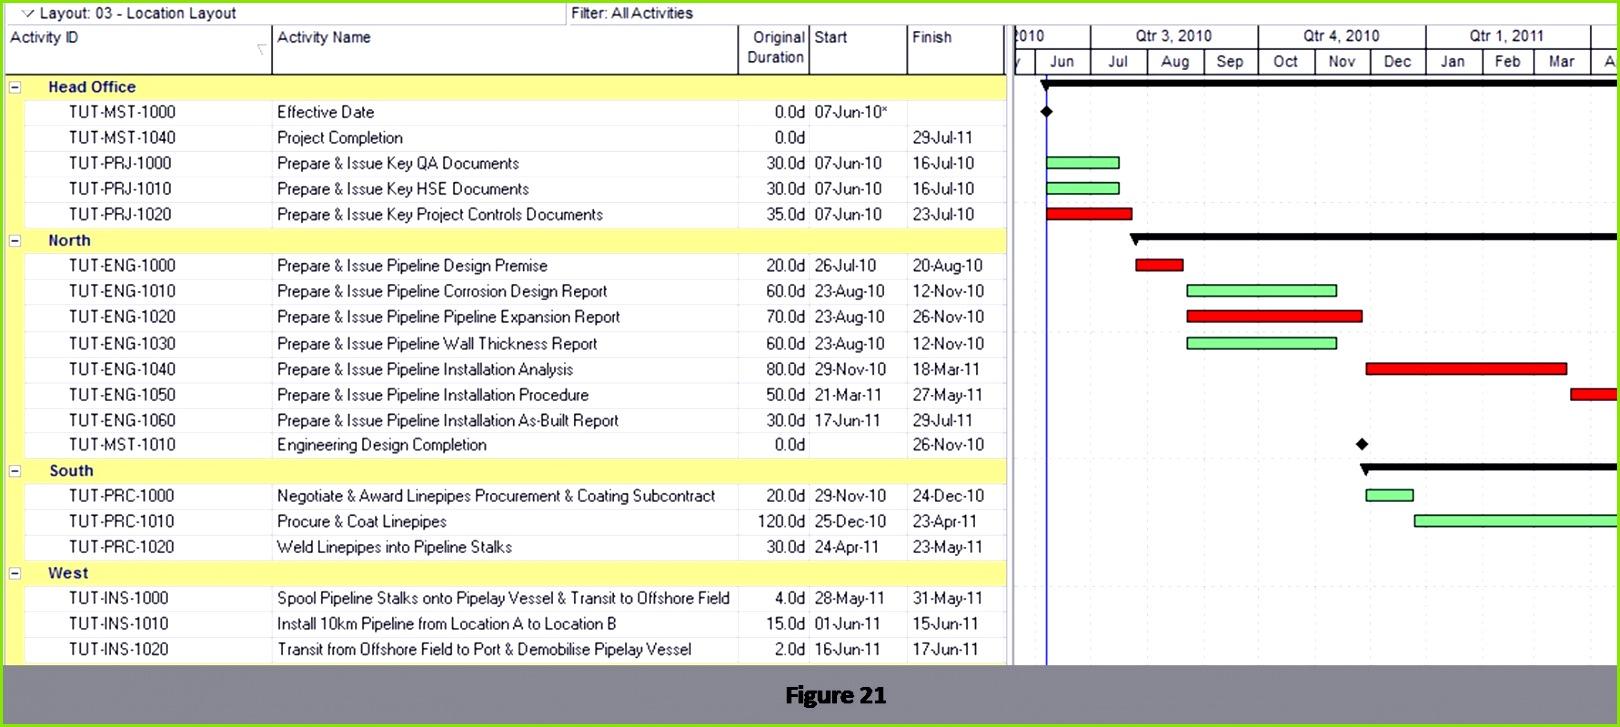 Nebenkostenabrechnung Vorlage Word Wunderschönen Nebenkostenabrechnung Excel Vorlage